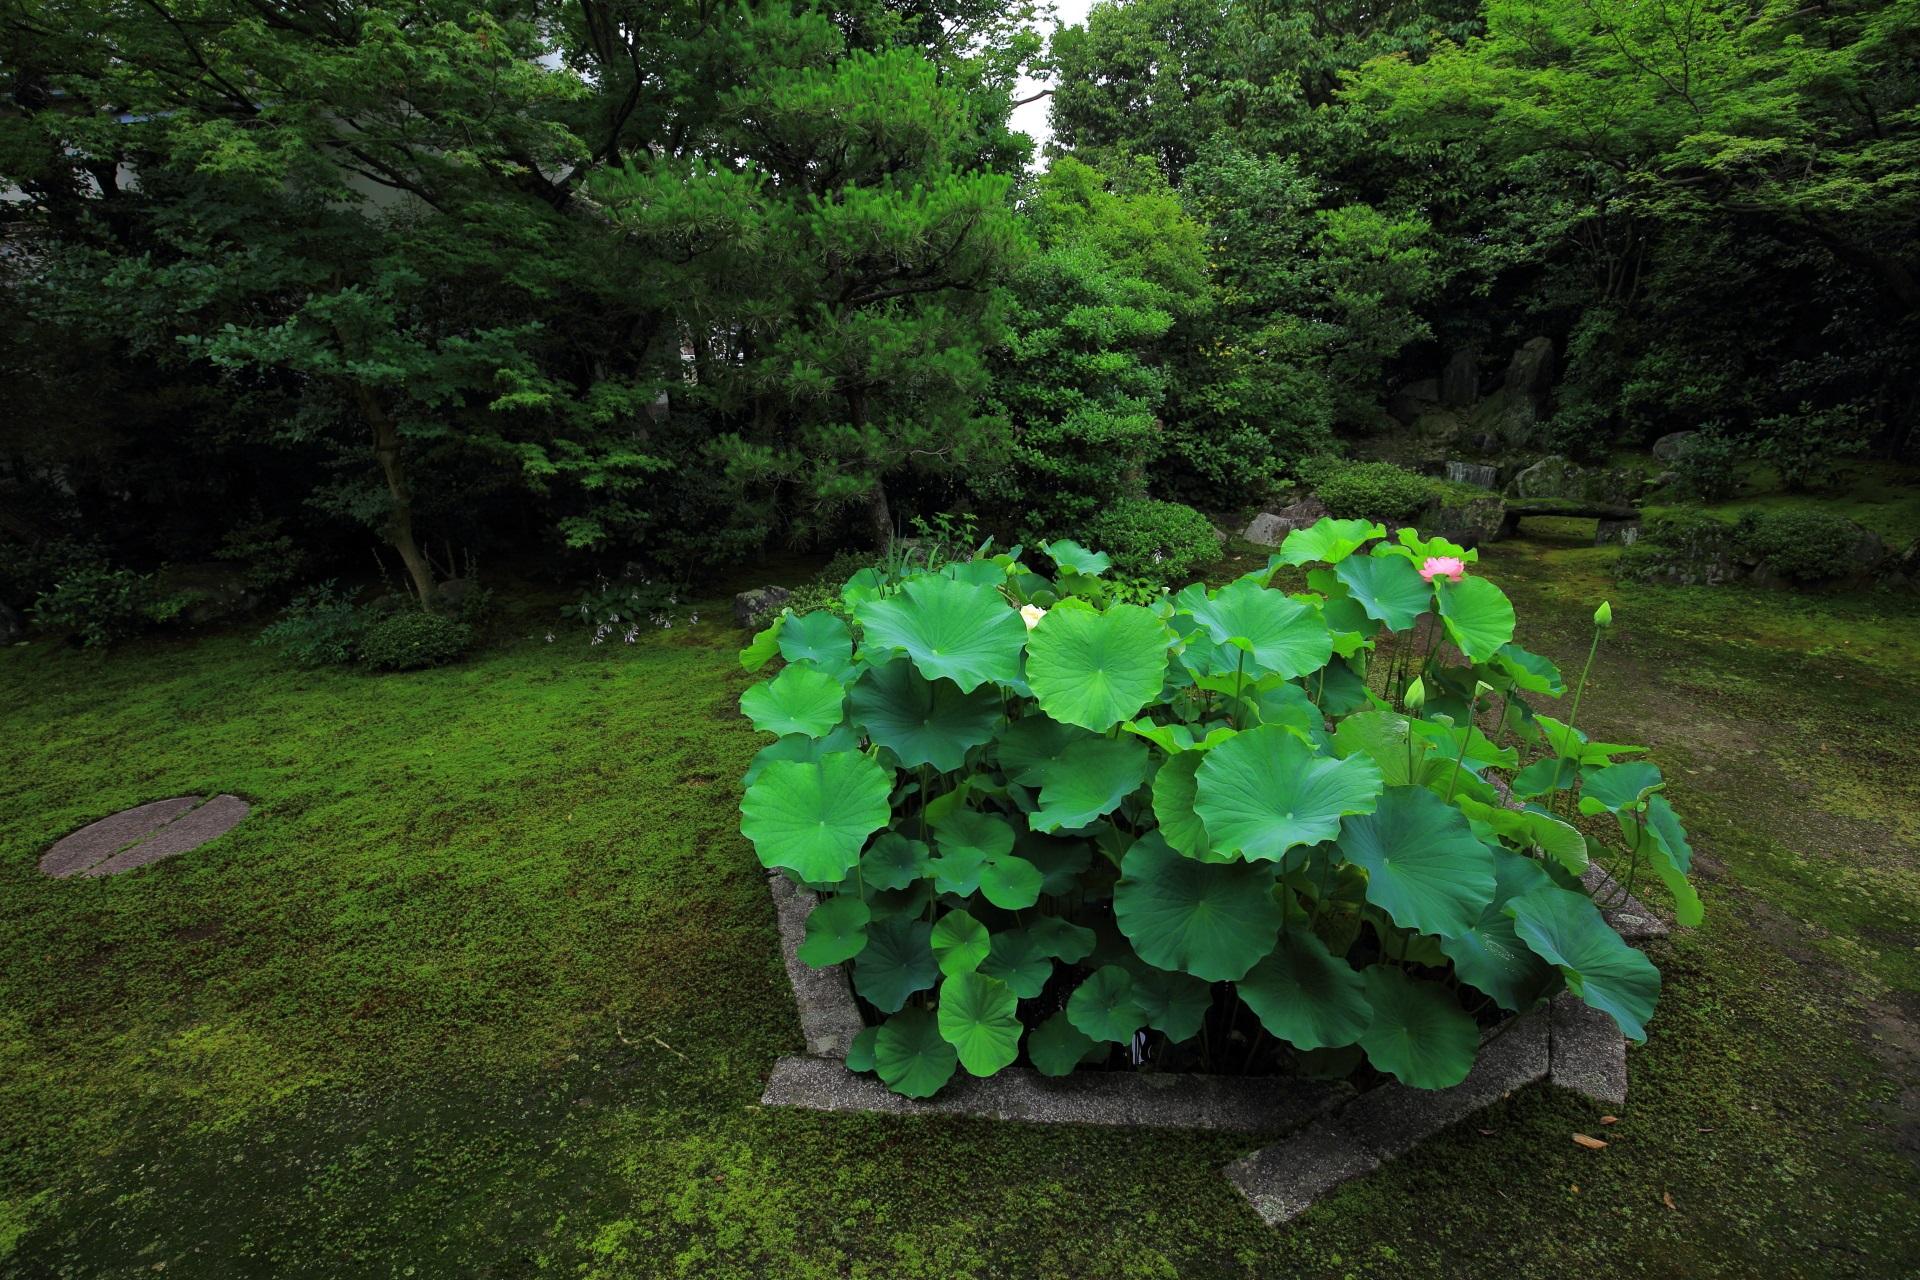 丸い石が「日蓮」の『日』をあらわし蓮池は「日蓮」の『蓮』をあらわす本法寺の巴の庭